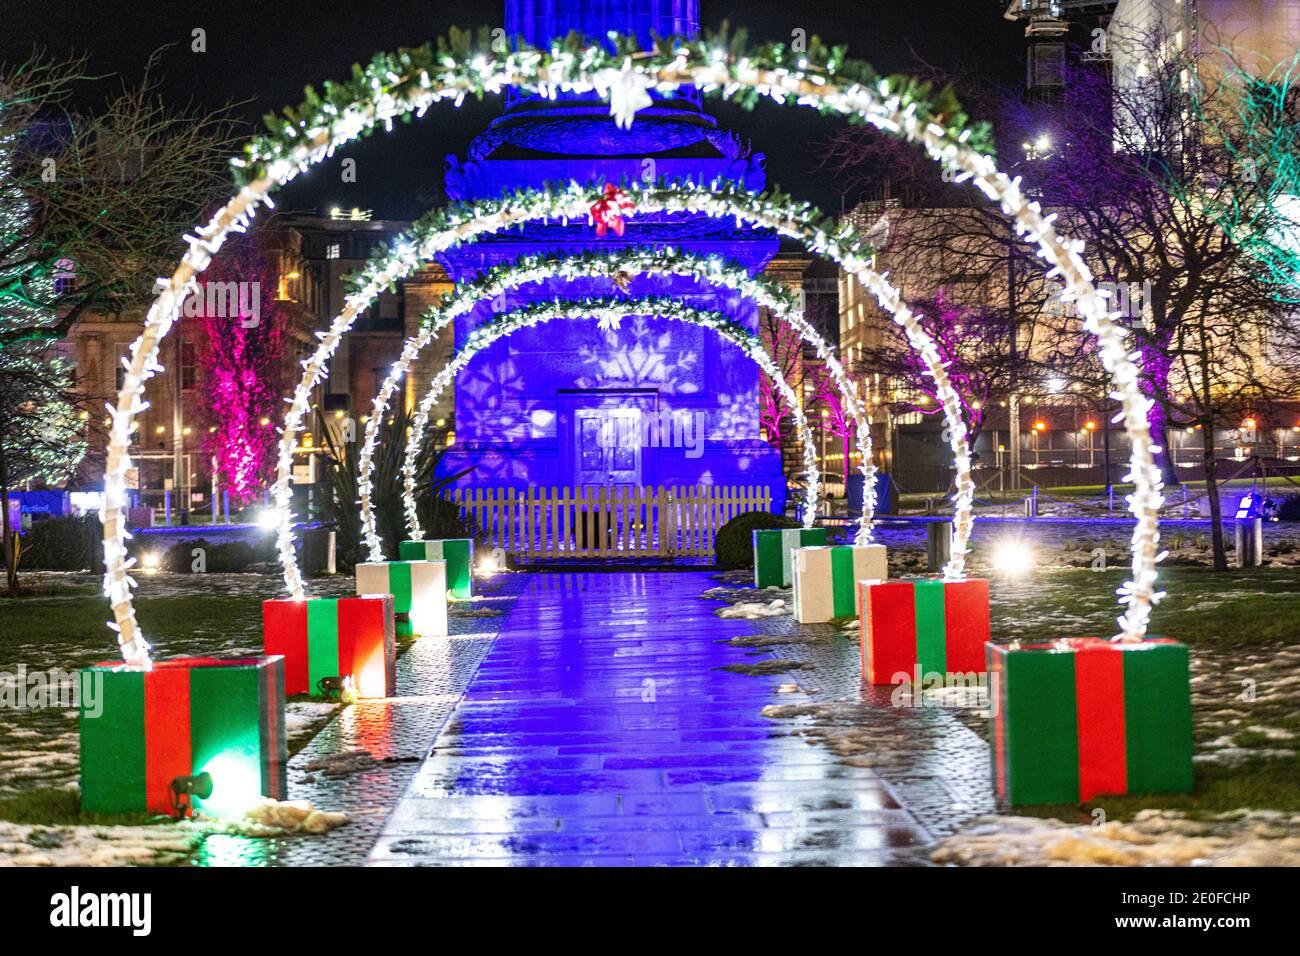 Jeudi 31 décembre 2020. Édimbourg, Royaume-Uni. Des rues vides à Édimbourg, tandis que les célébrations traditionnelles de Hogmanay sont annulées en raison de la pandémie du coronavirus. Les événements de la Saint-Sylvestre de la ville sont célèbres dans le monde entier et reconnus par le Livre Guinness des records comme la plus grande fête du nouvel an au monde. Au cours des dernières années, 40,000 personnes ont participé à la procession de Torchlight, 75,000 personnes ont assisté au concert dans les jardins avec environ 100,000 regardant les feux d'artifice de minuit. 2020 a vu le gouvernement écossais dire au public de célébrer Hogmanay avec seulement leur propre foyer. Banque D'Images